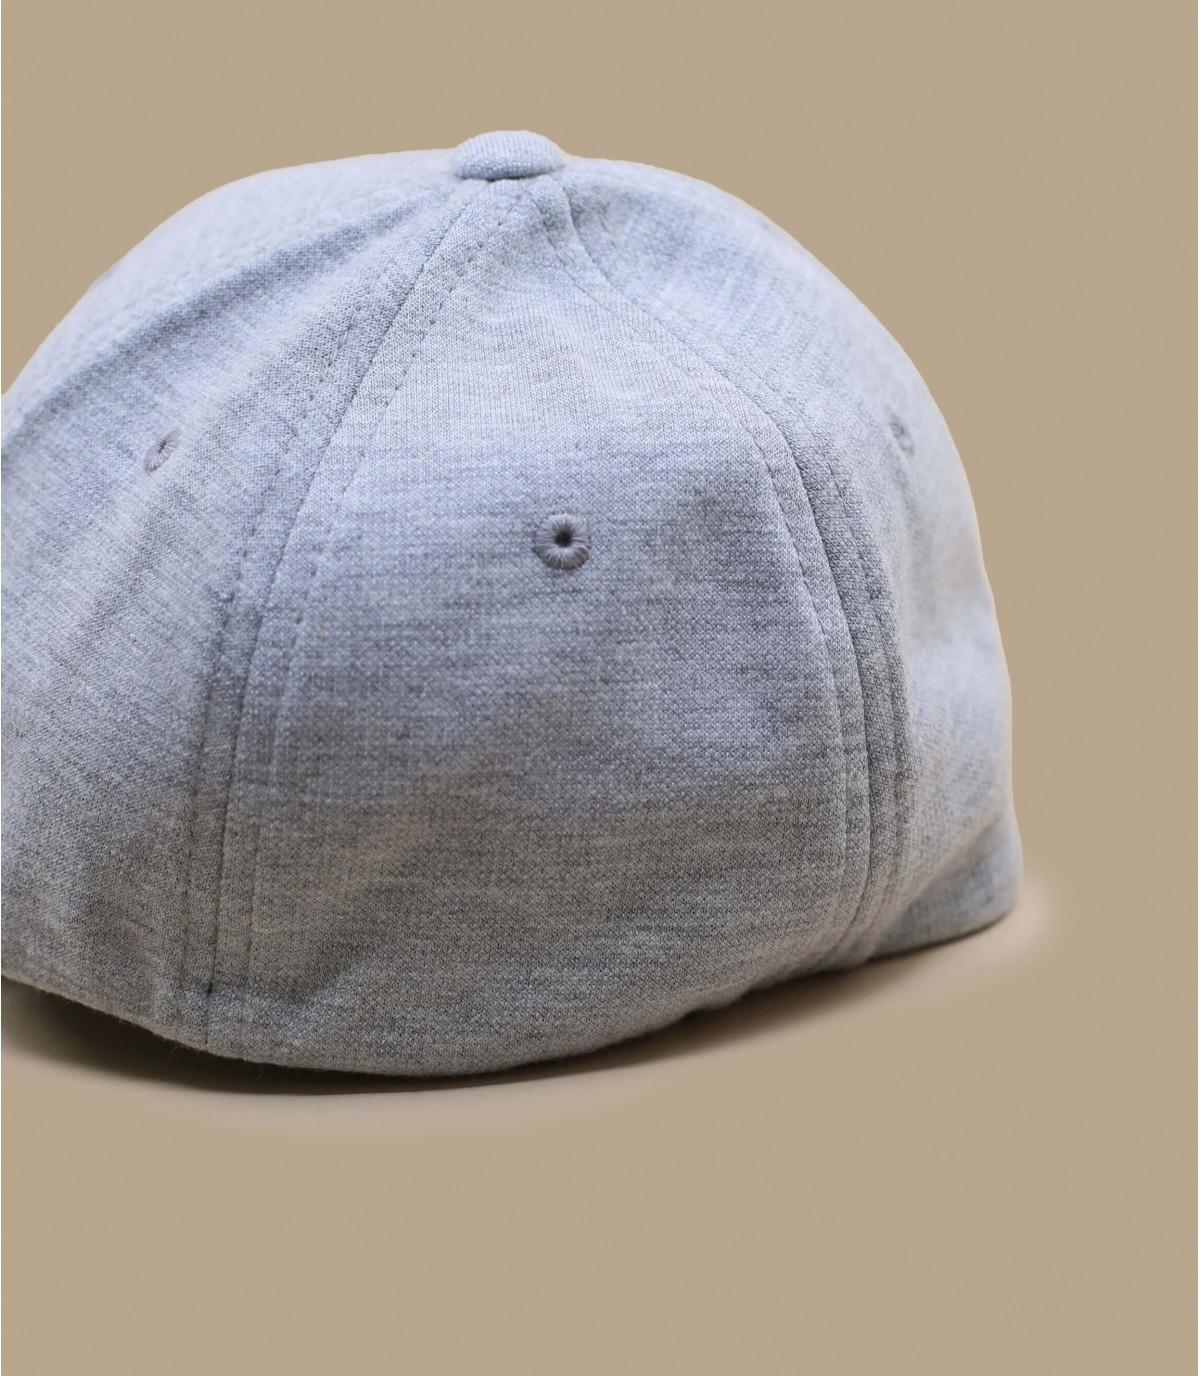 Détails Casquette jersey gris - image 3